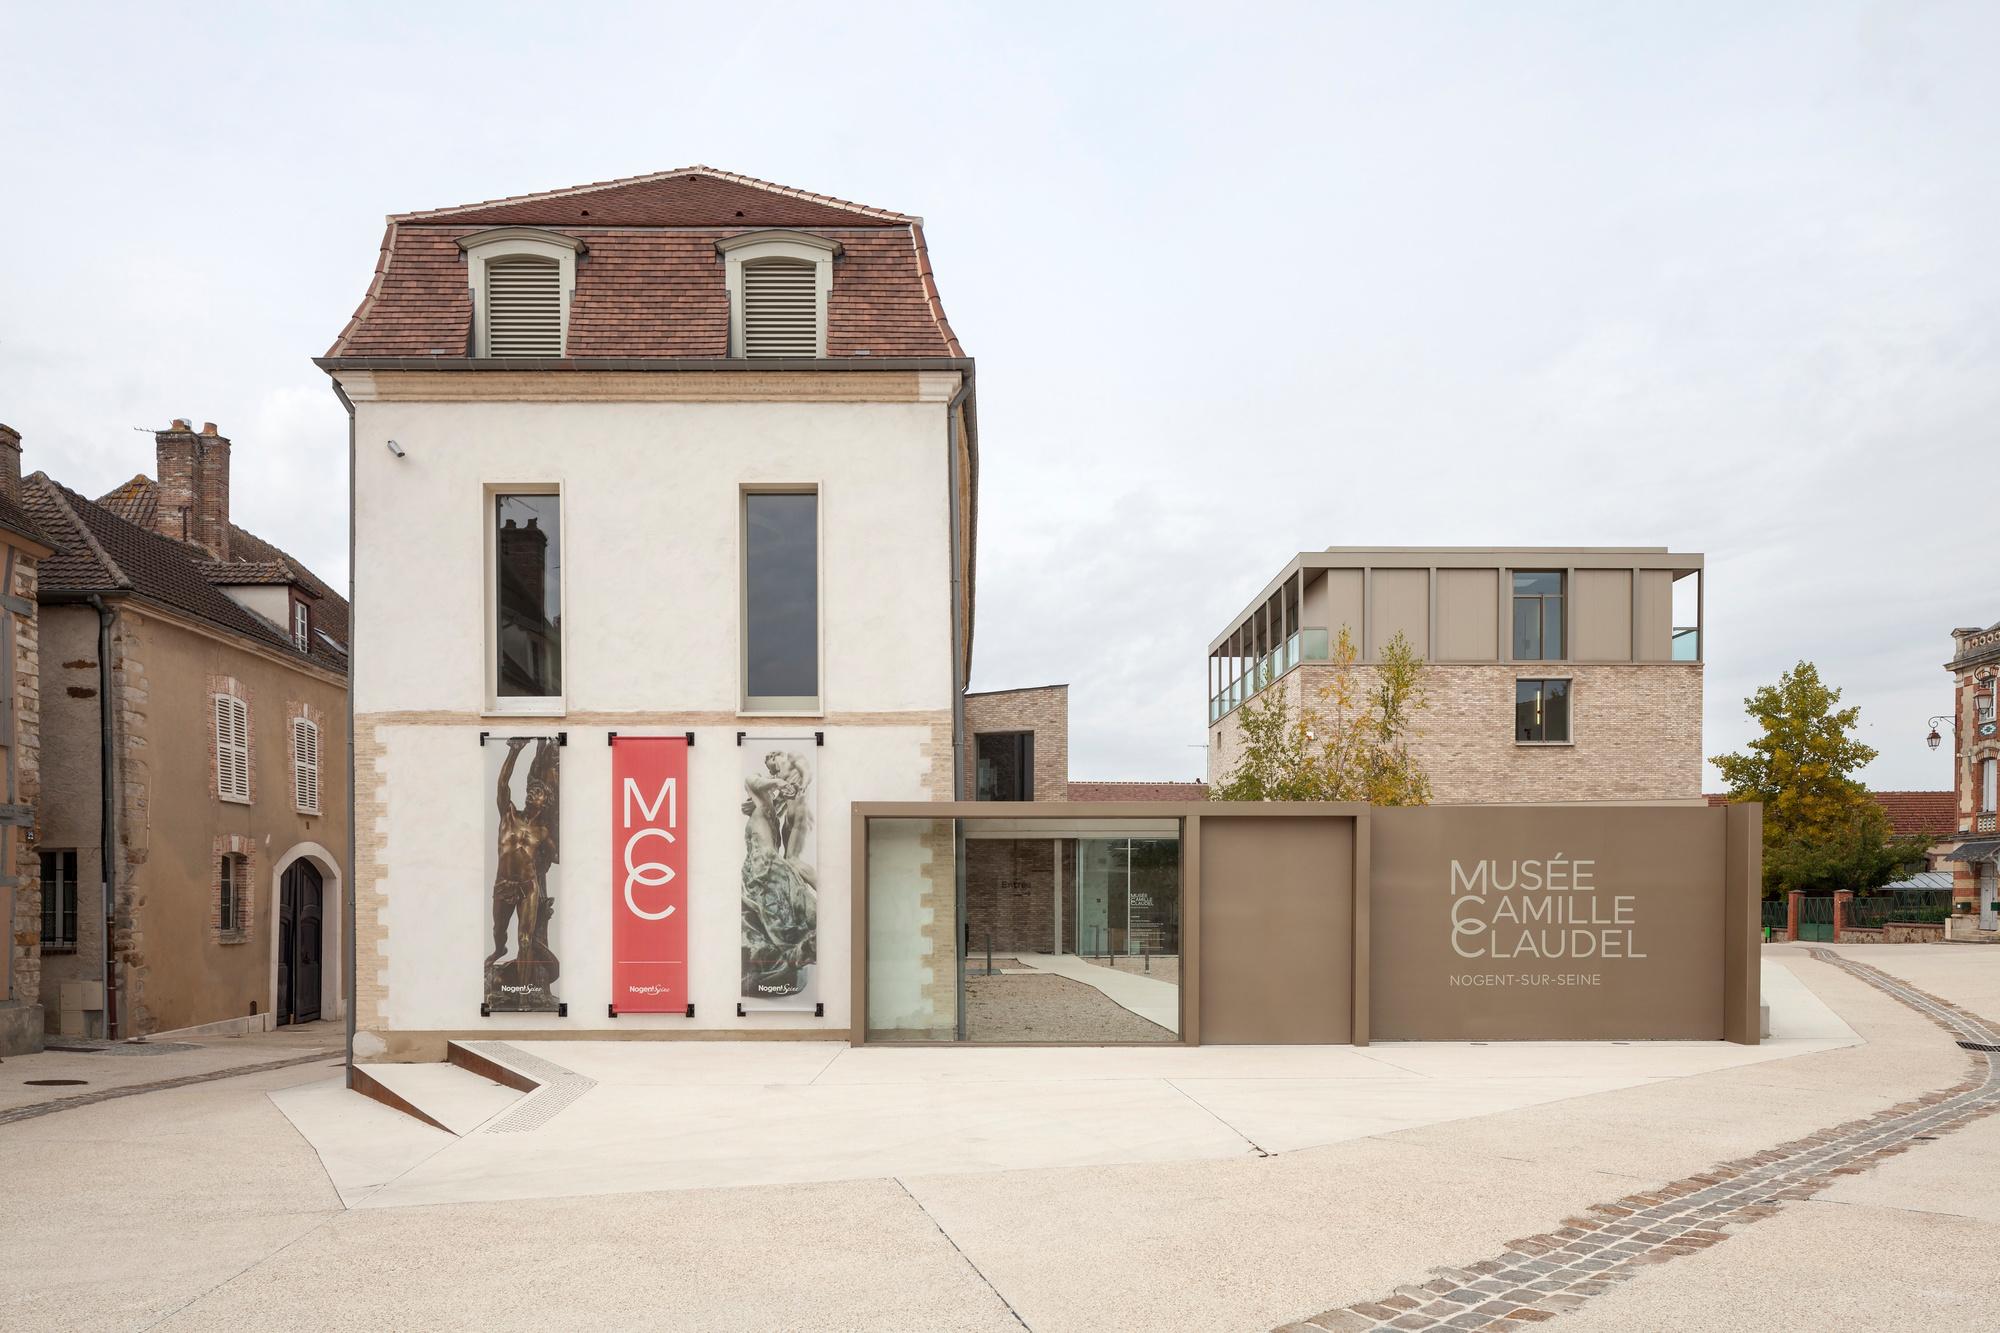 Het Musée Camille Claudel met links de oude woning van de familie Claudel en rechts de hedendaagse constructie., musée Camille Claudel/photo Marco Illuminati